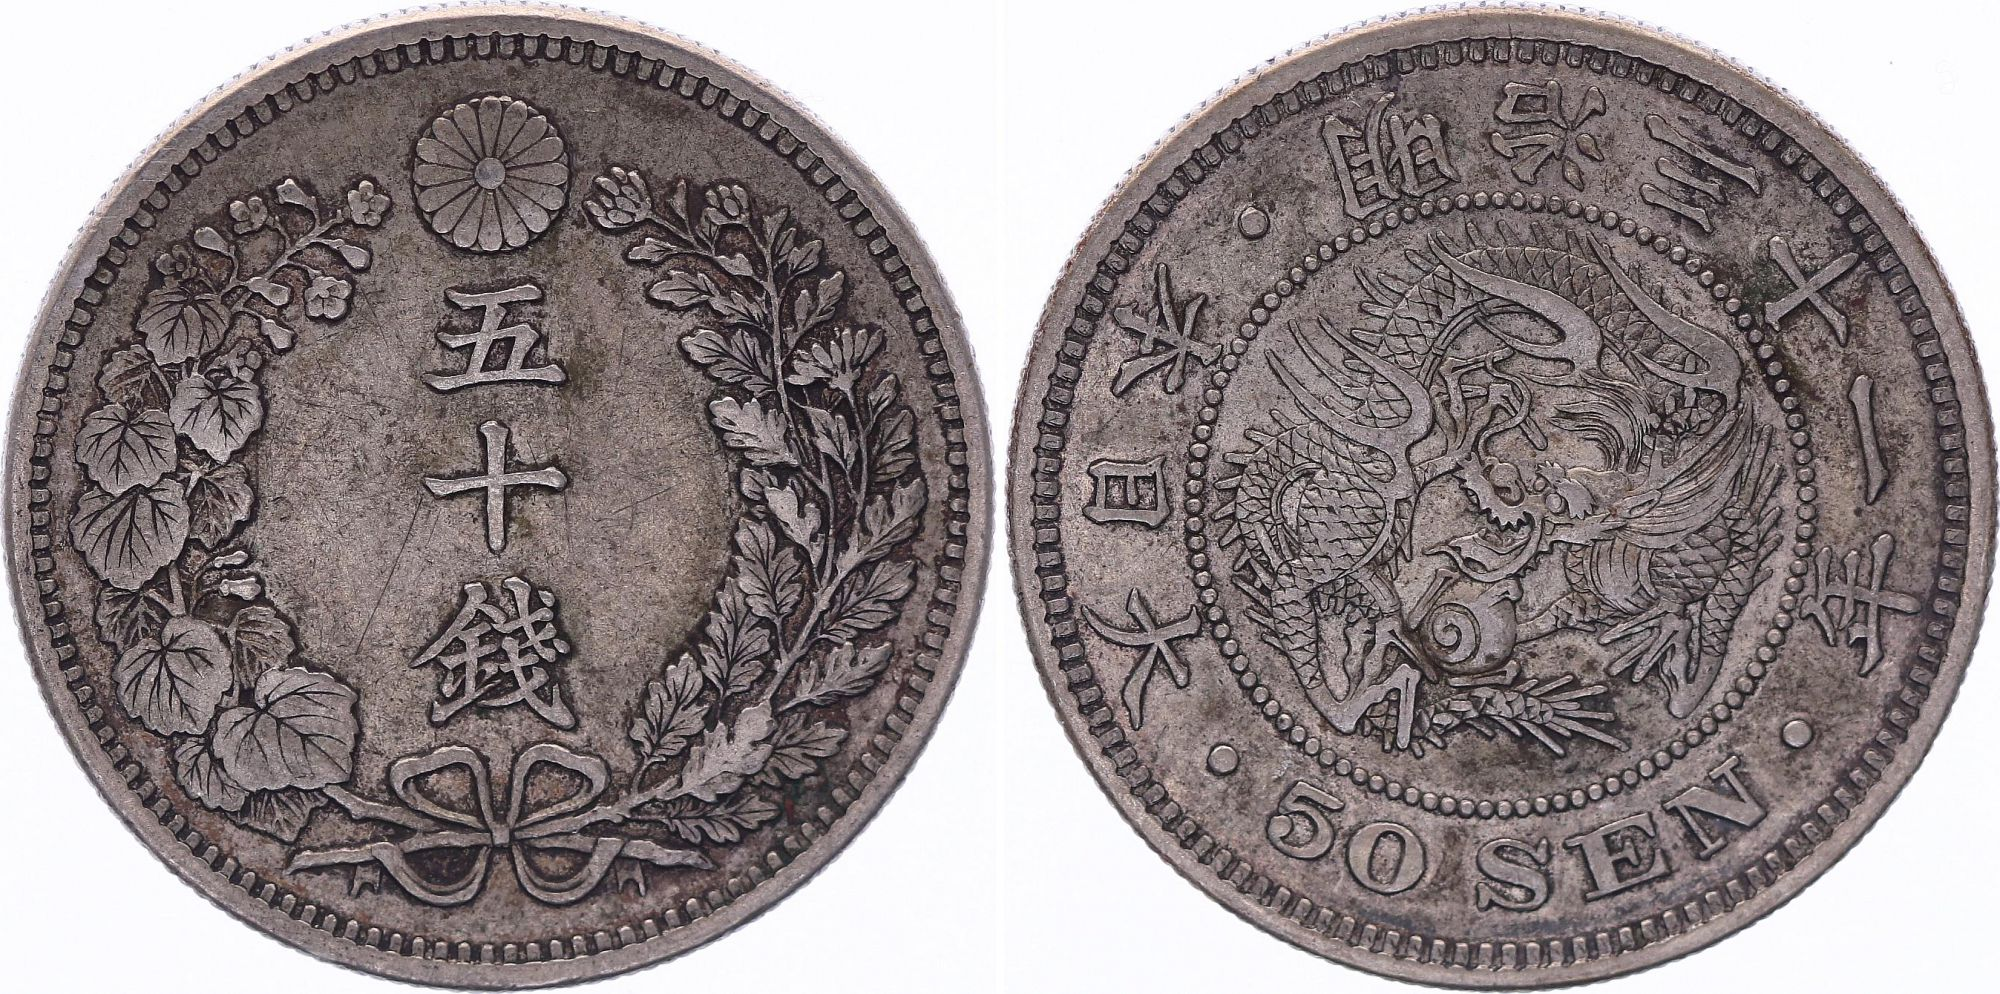 Japon 50 Sen Dragon - 1898 Meiji An 31